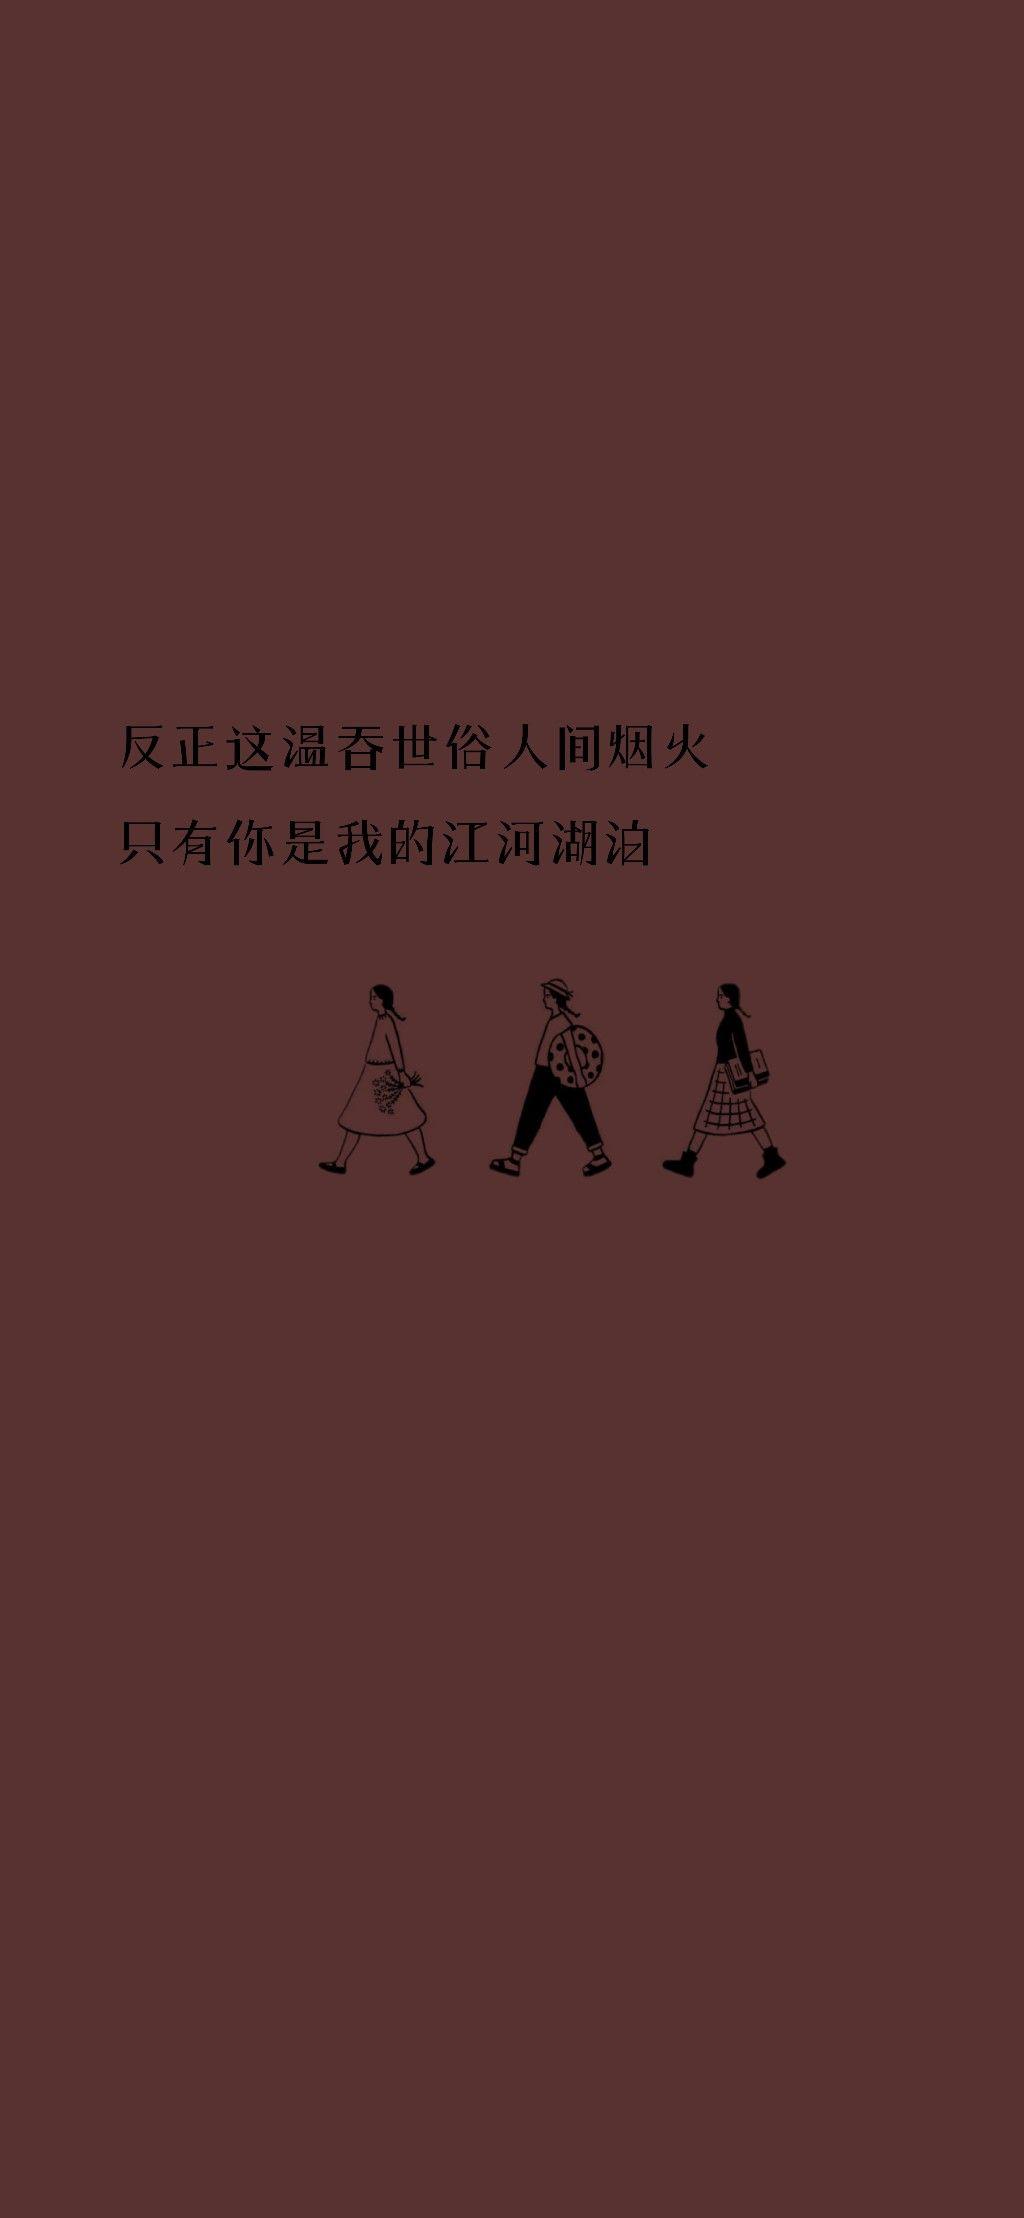 壁纸7 (1).jpg